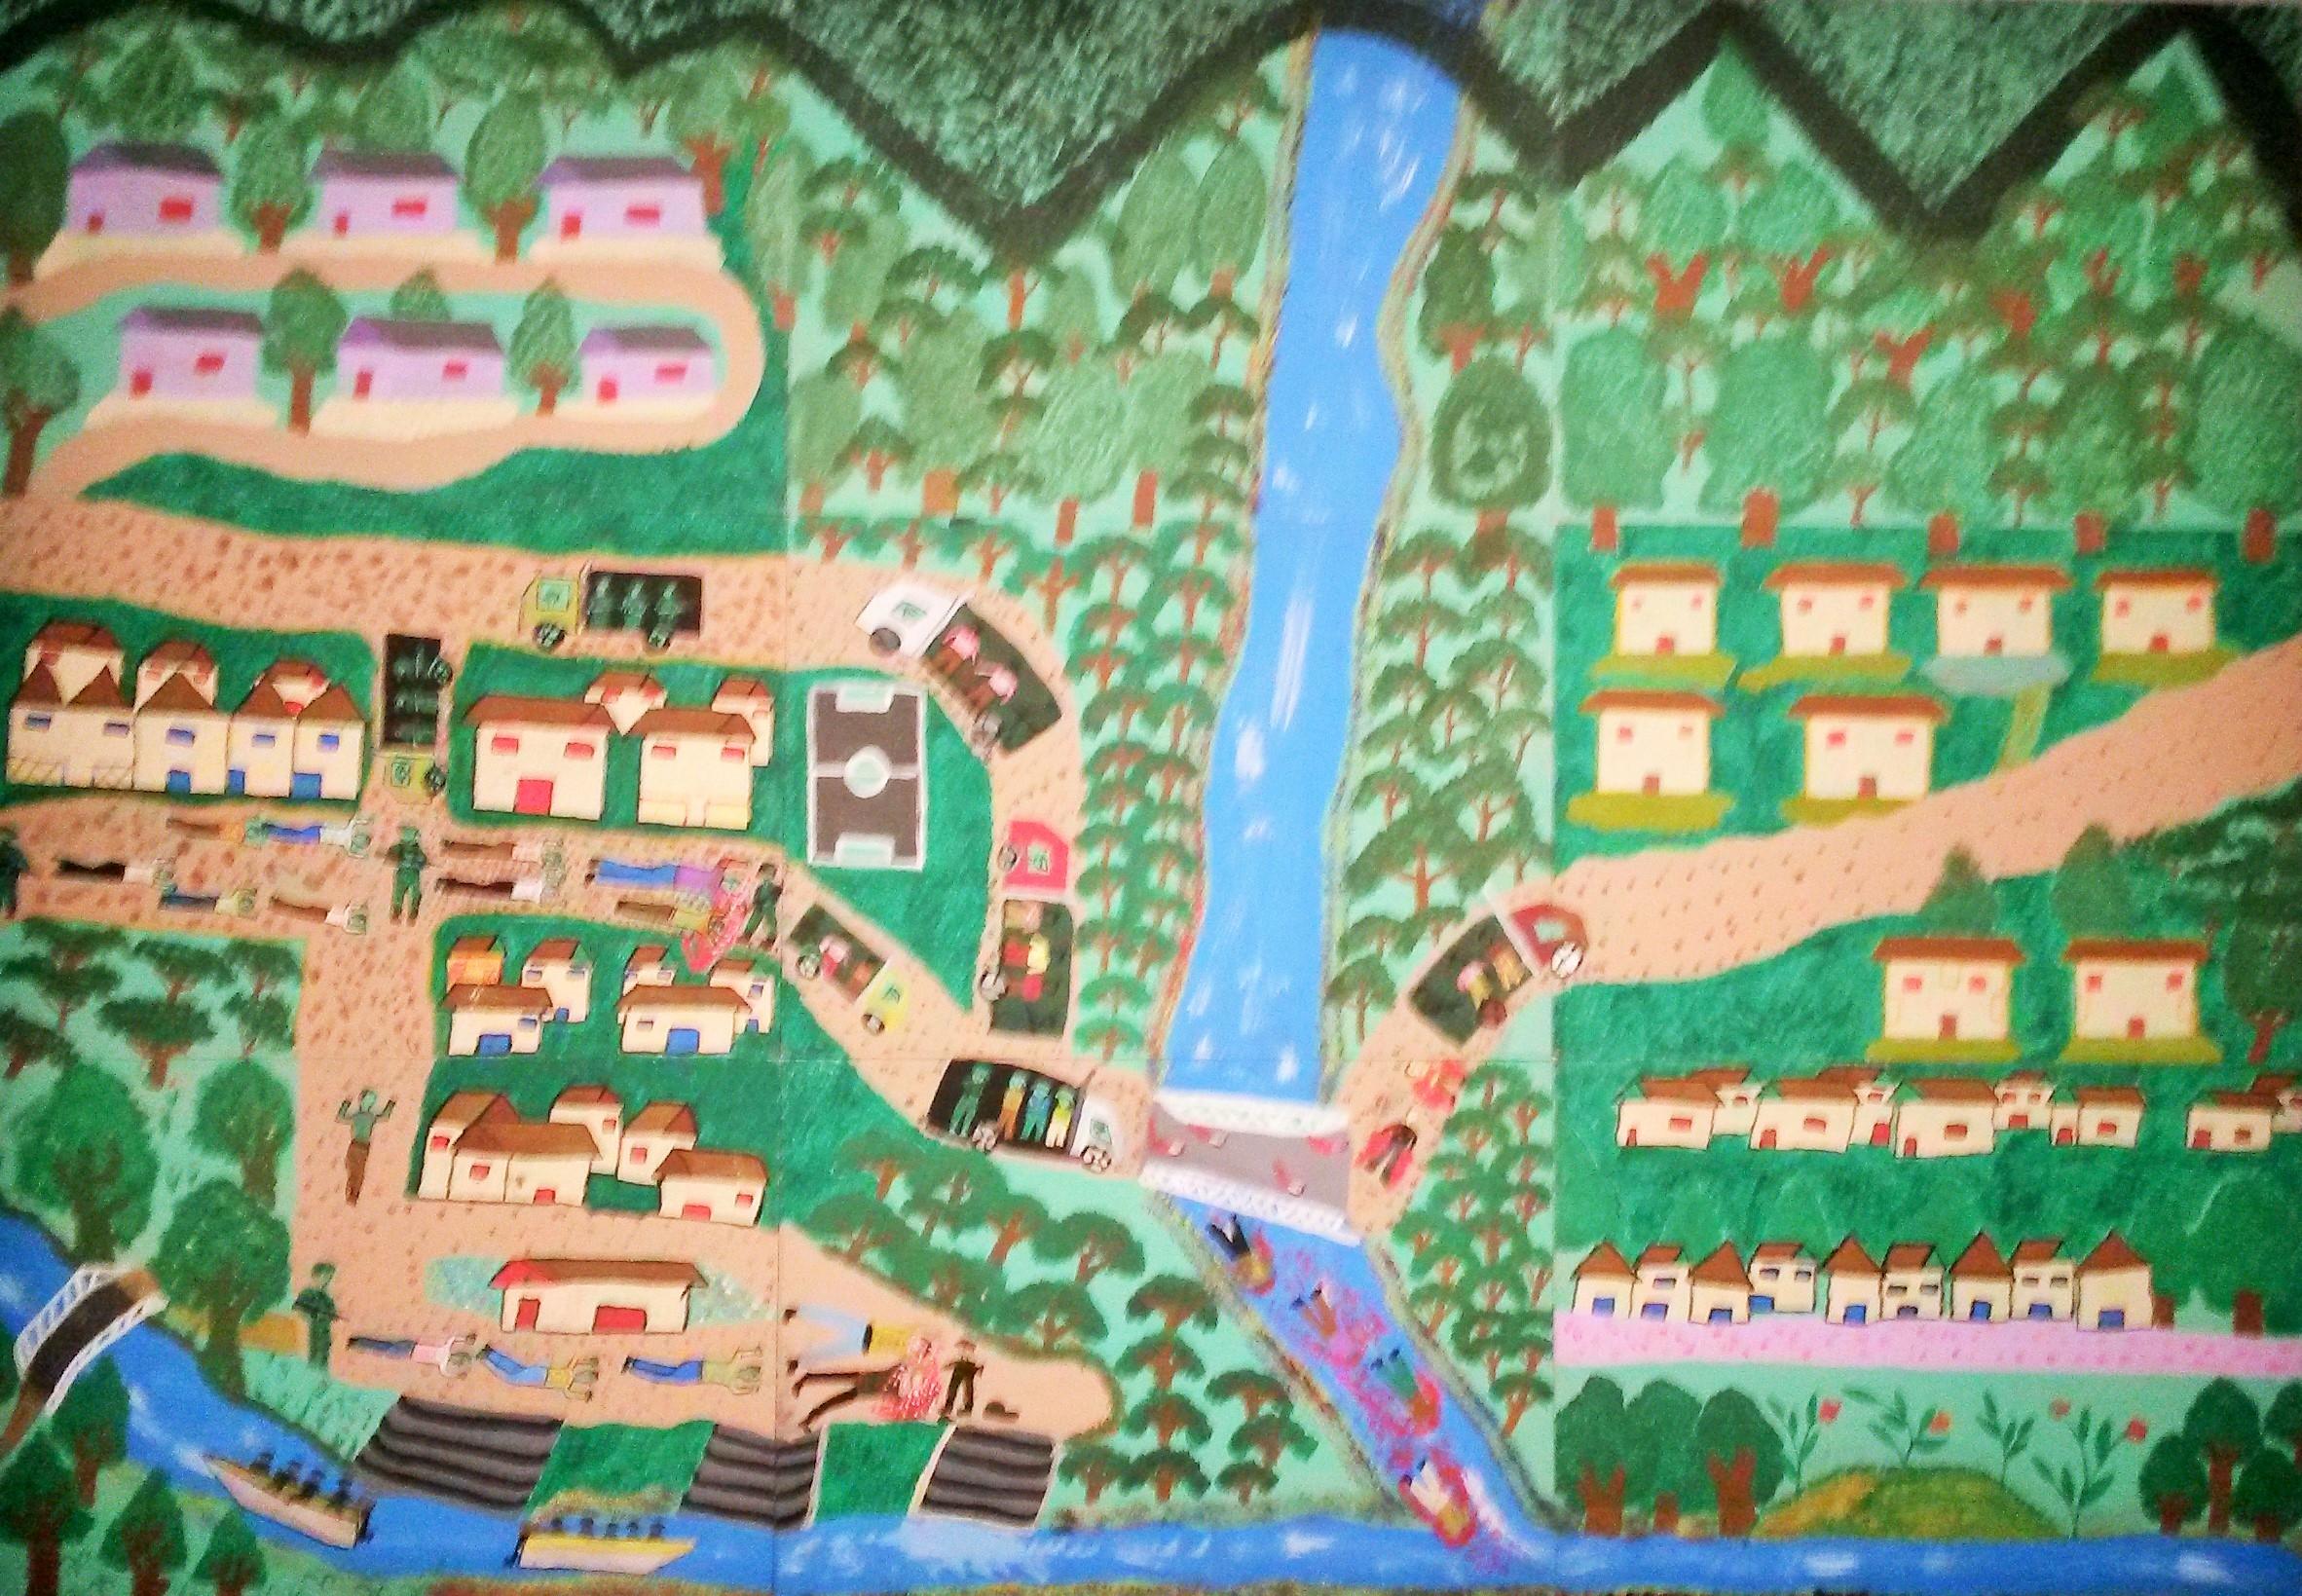 Silfredo, Terreur et desespoir pour le paramilitarisme, peinture vinylique sur panneau de bois, Fondation Puntos de Encuentro